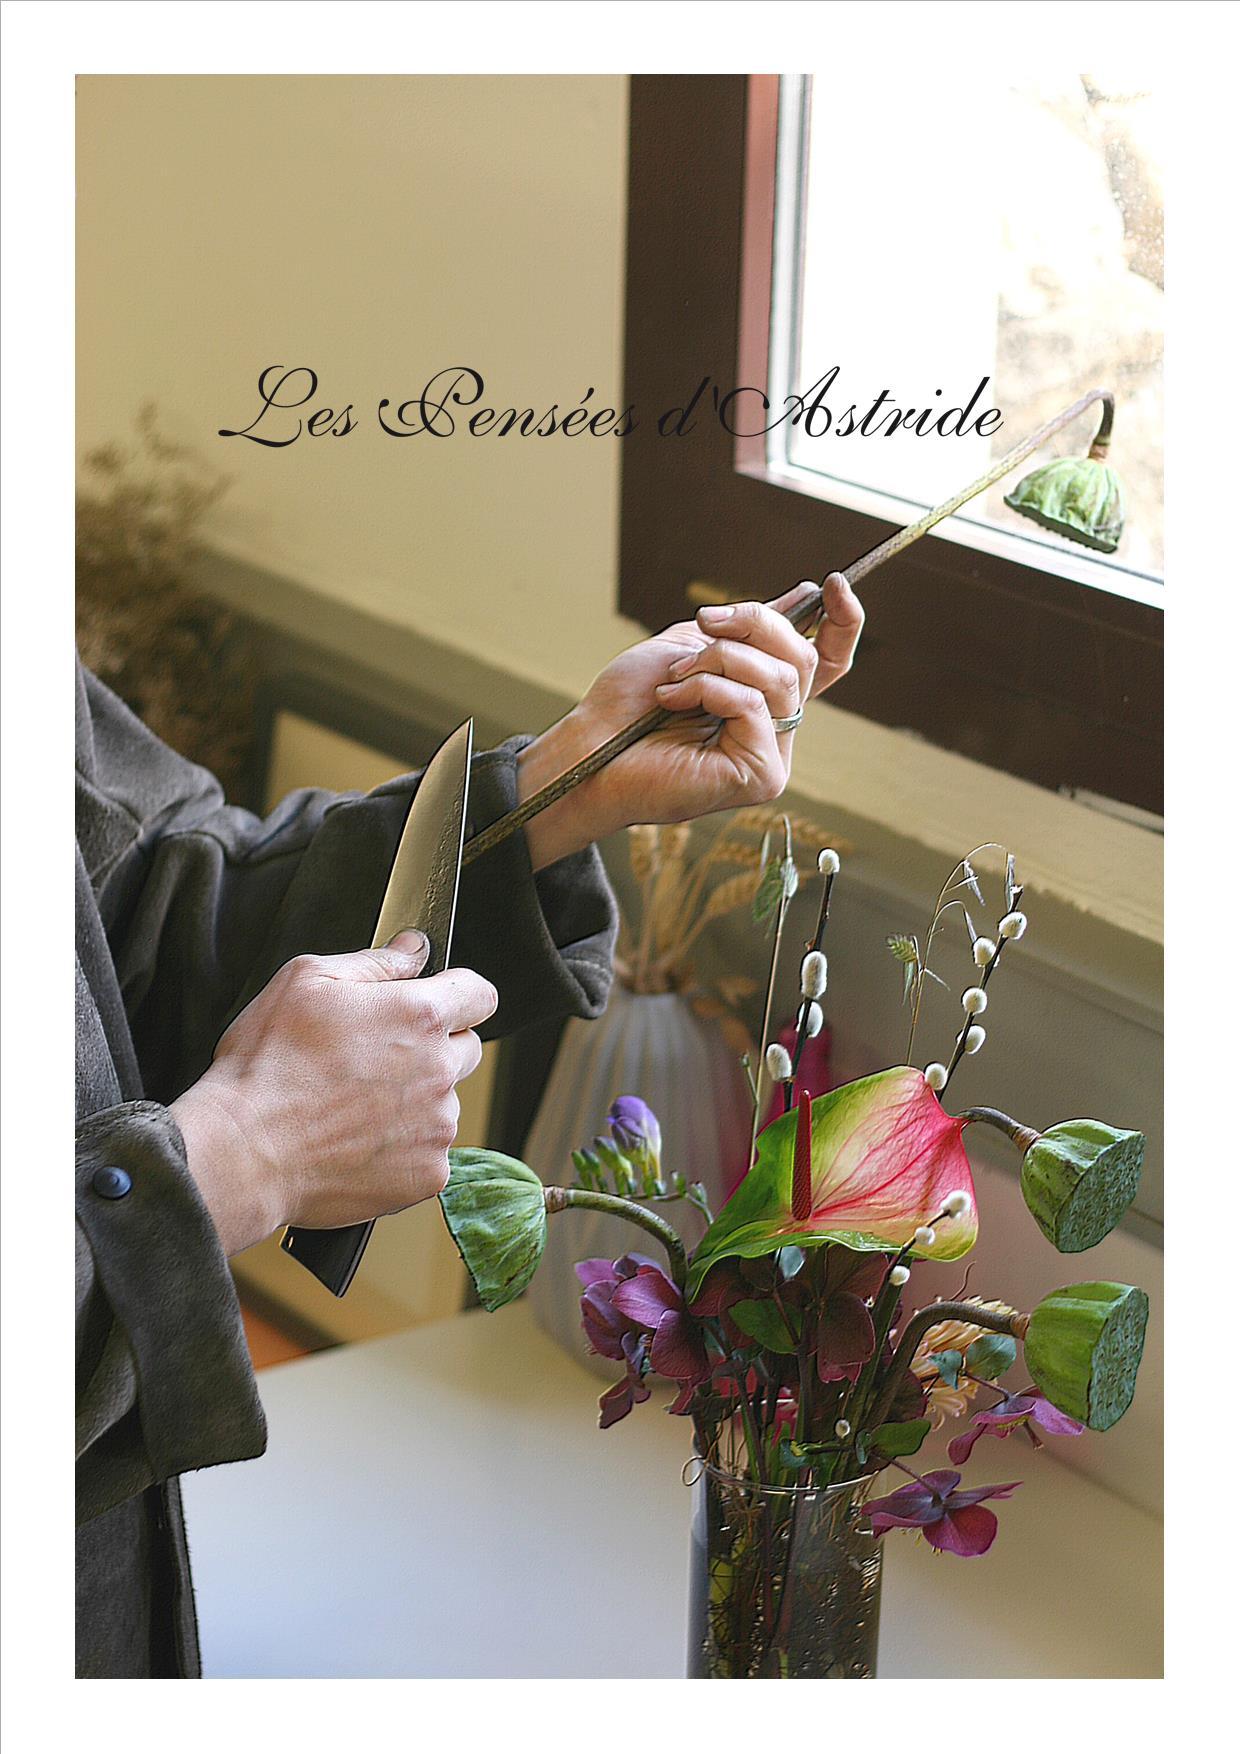 Stéphane Anken, le coutelier, photographié par Roxane des Pensées d'Astride